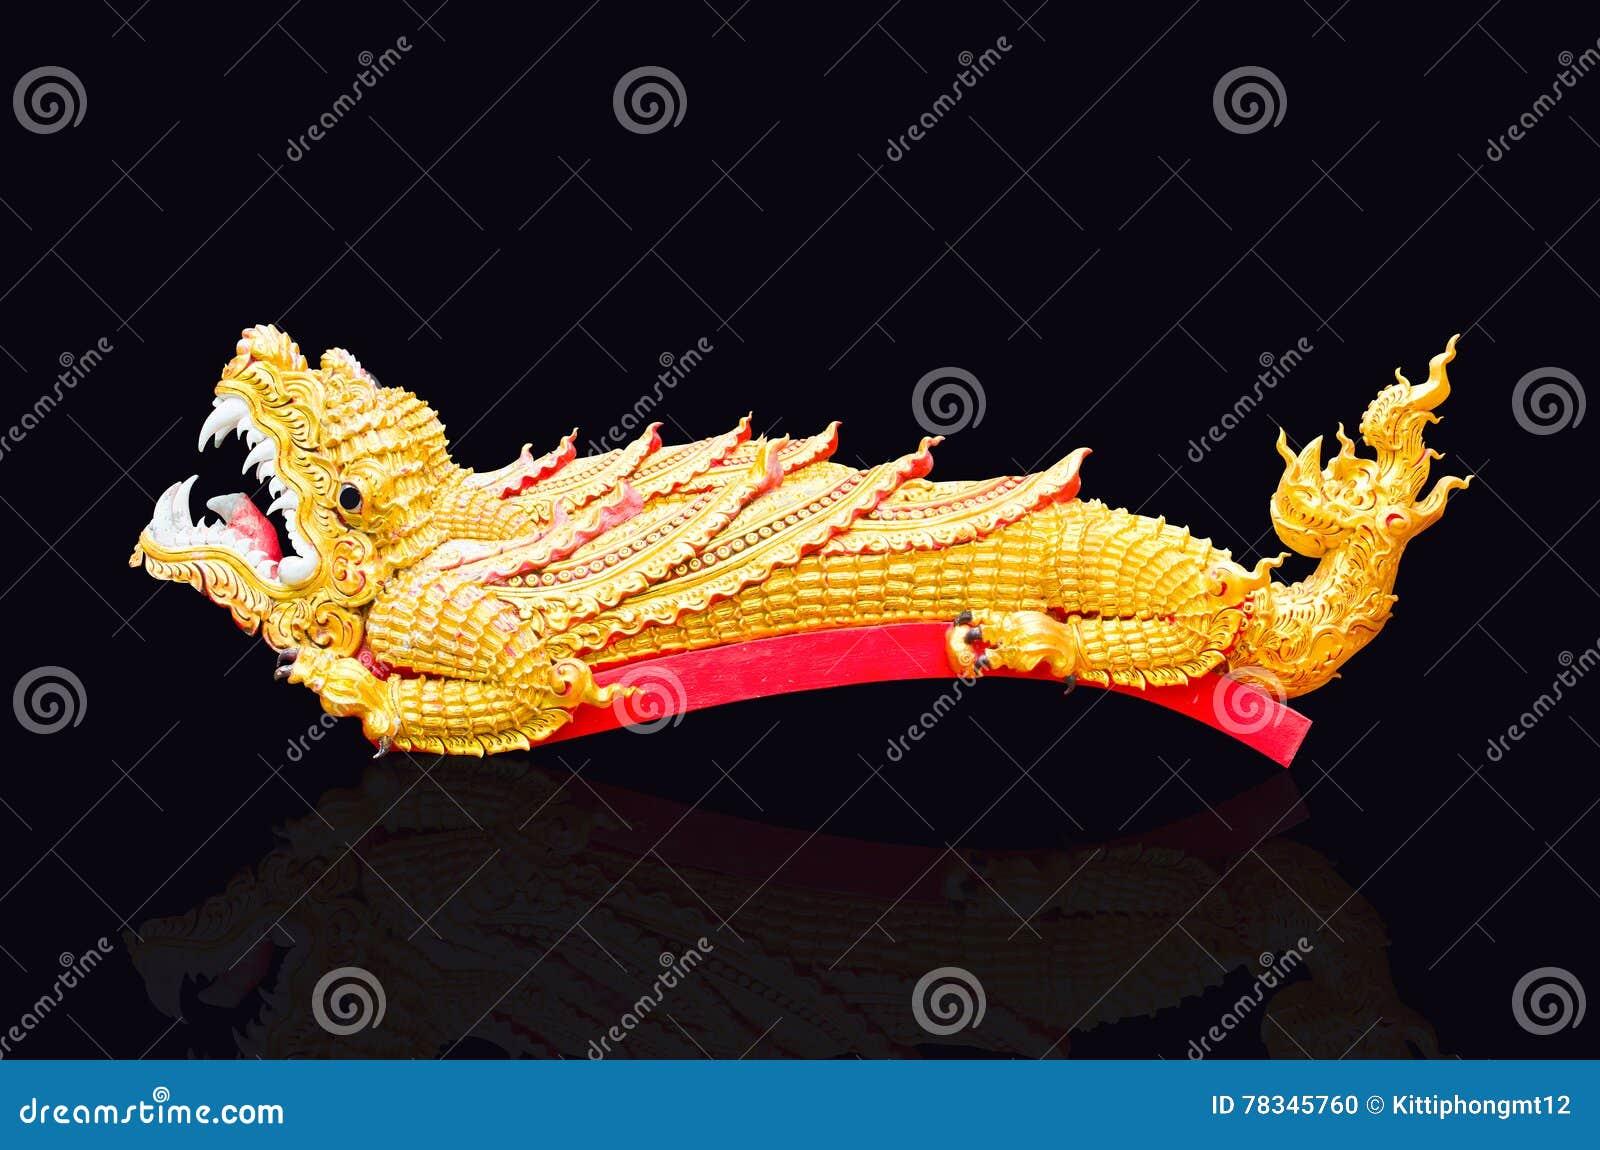 5cf0c9f29 Crocodilo Dourado No Assoalho Preto Foto de Stock - Imagem de ...